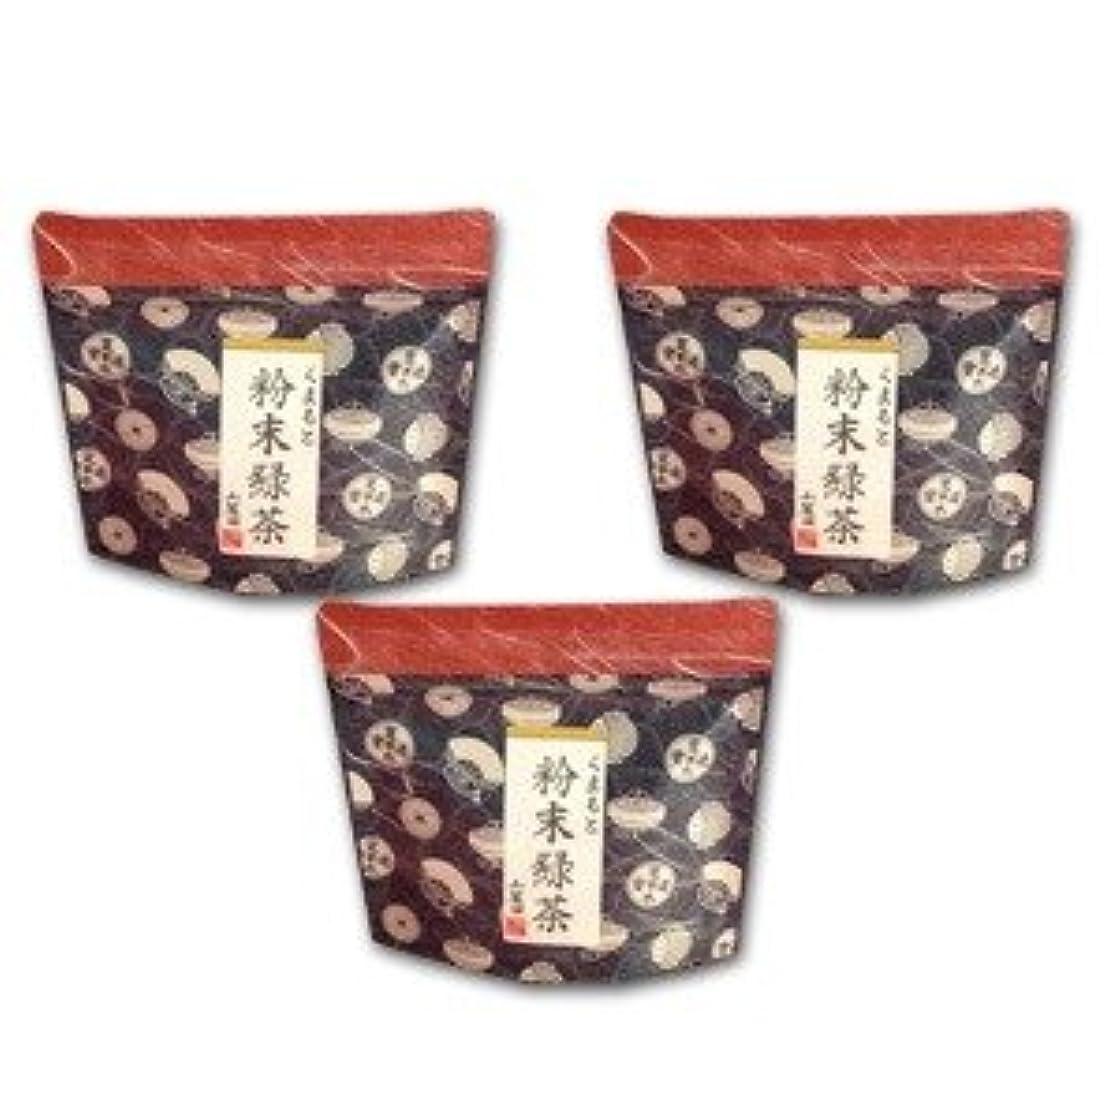 ちょうつがいアッパーオプション粉末緑茶(粉末煎茶) 熊本産のお茶 石臼挽き 50g×3個セット